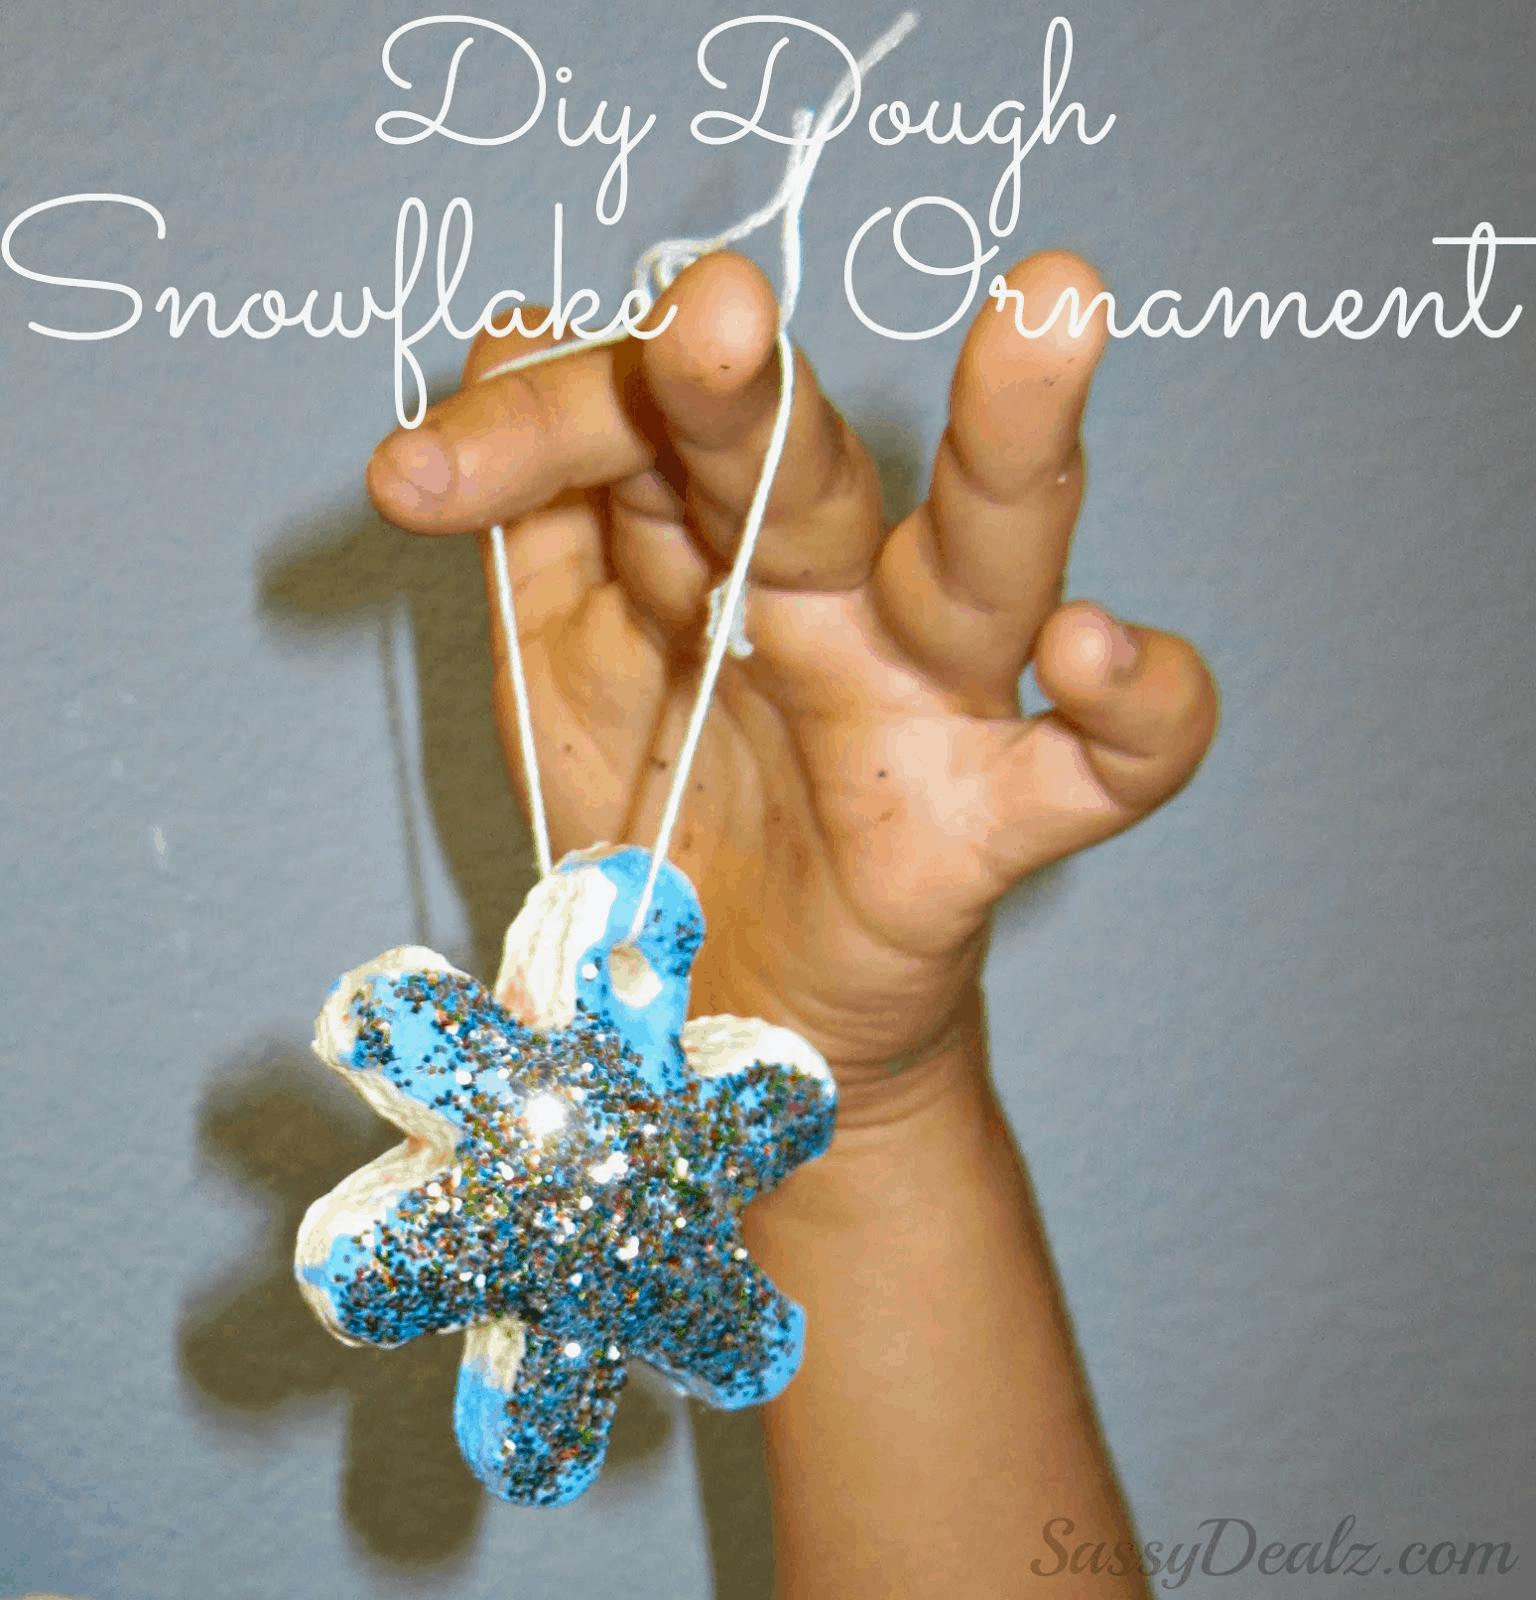 Sparkling diy dough snowflake